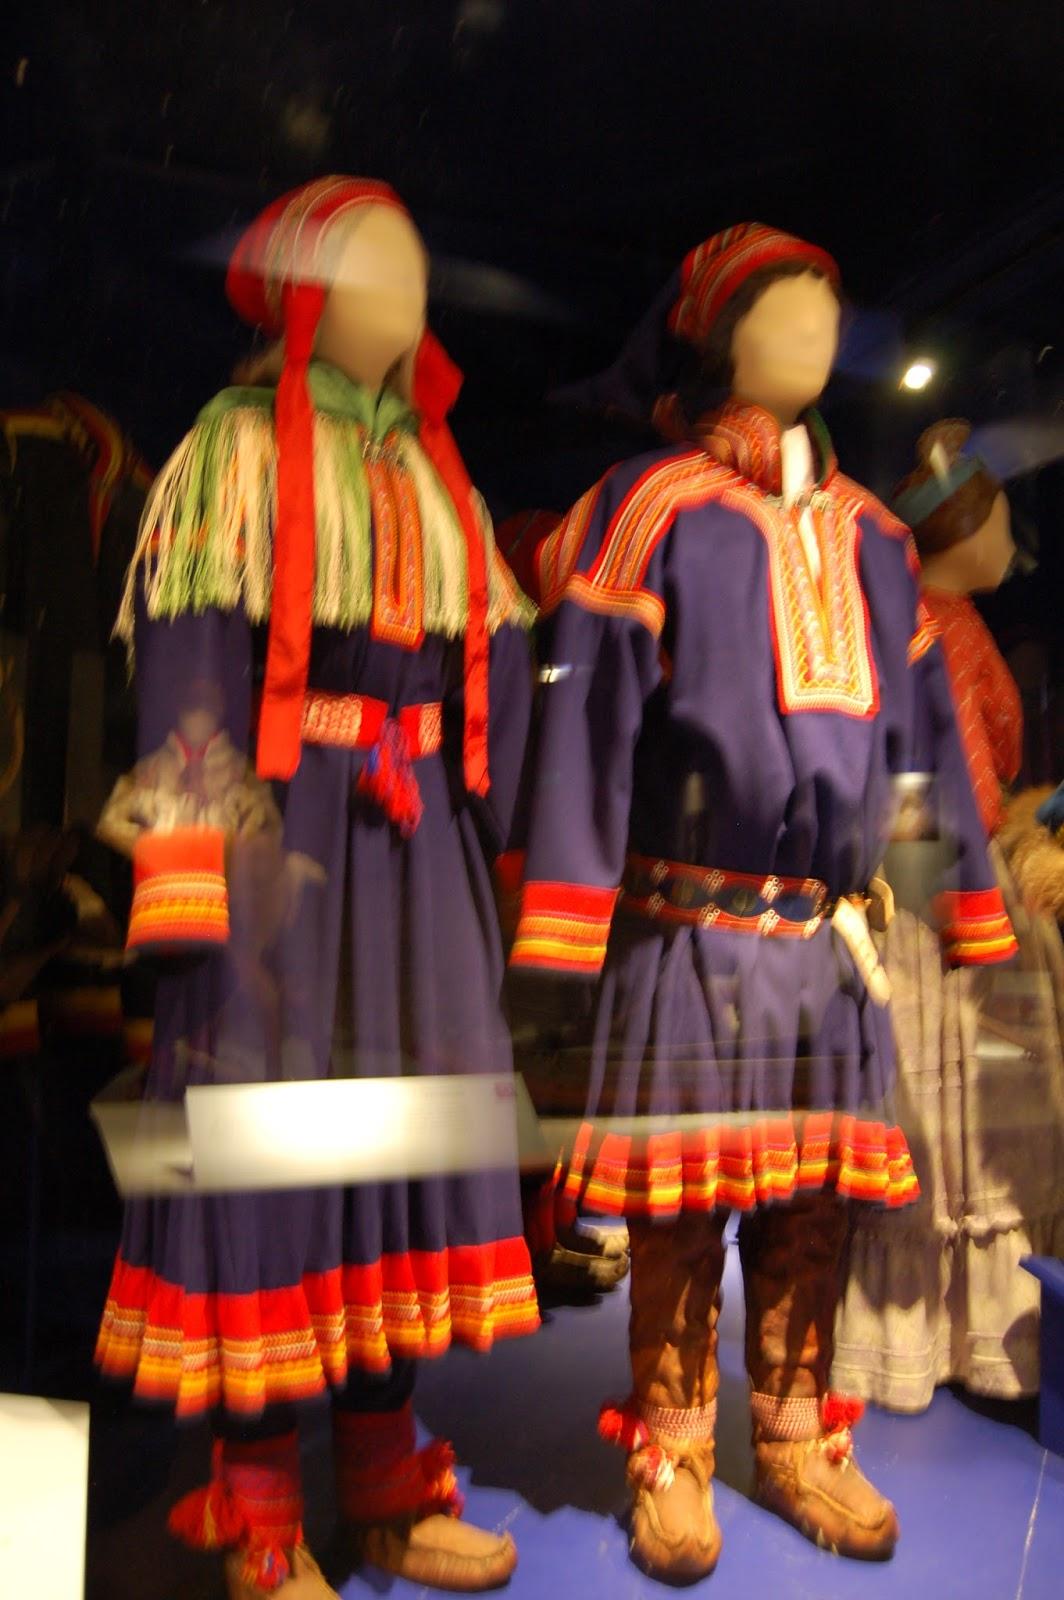 Samowie, Norwegia, ubiór